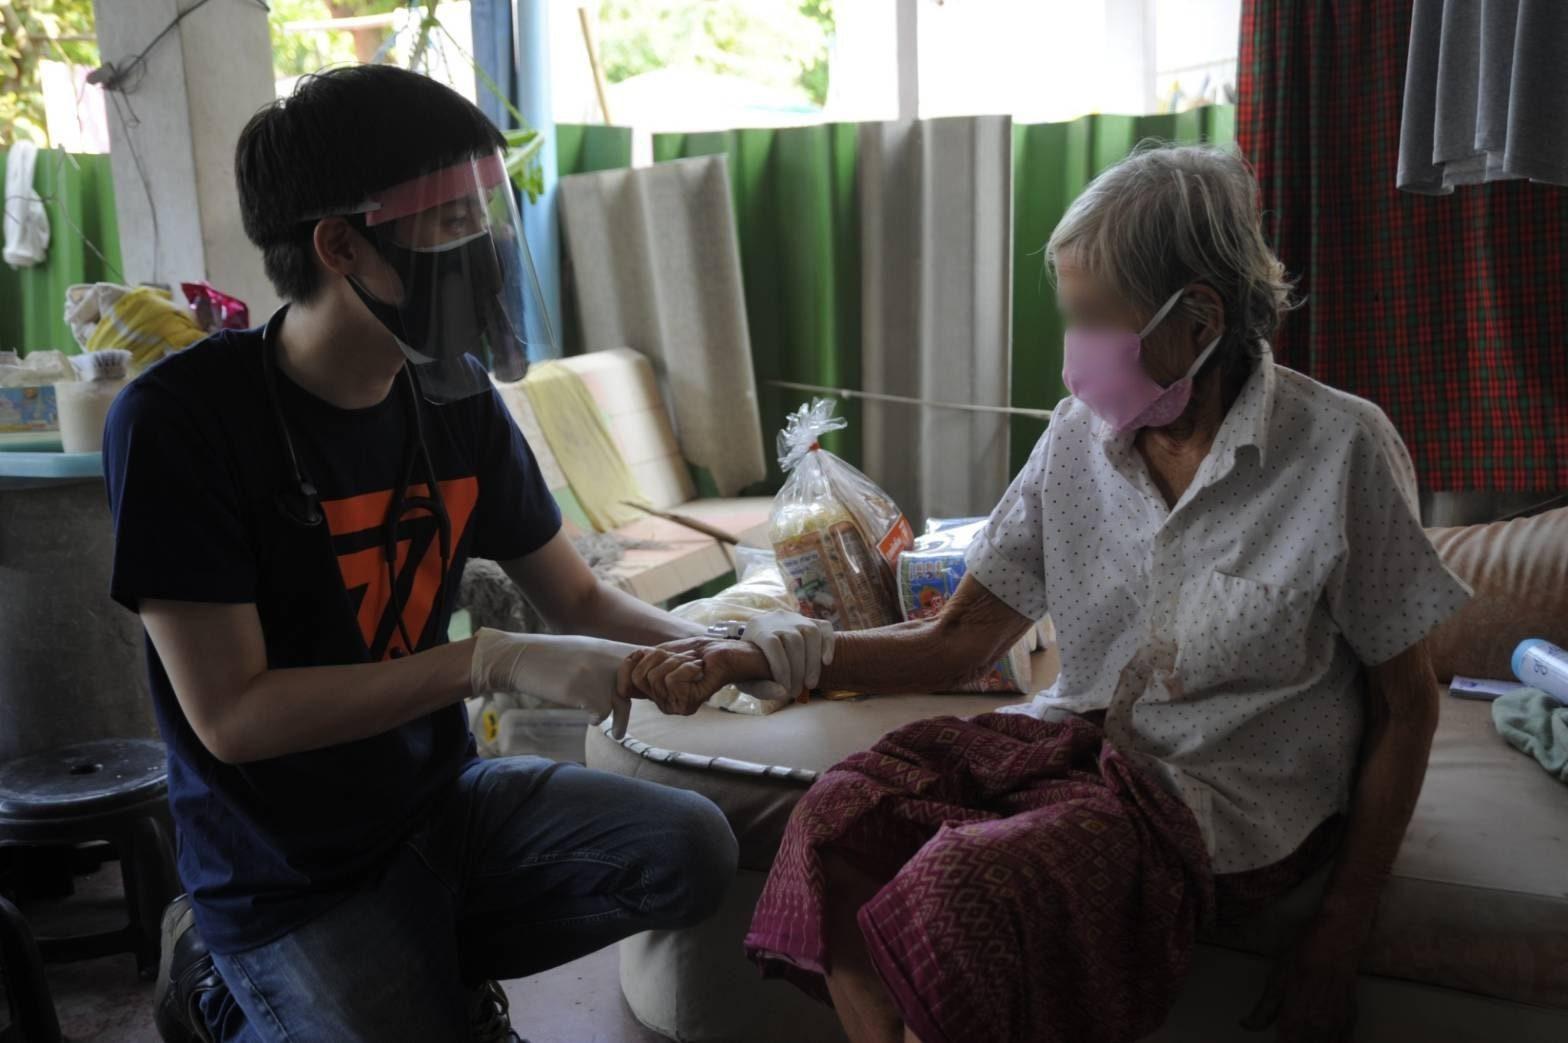 'หมอวาโย' ช่วยตรวจผู้สูงวัยหลังเกิดอุบัติเหตุลื่นล้ม - ประสานรพ.สต.คลองสาม ส่งรักษา